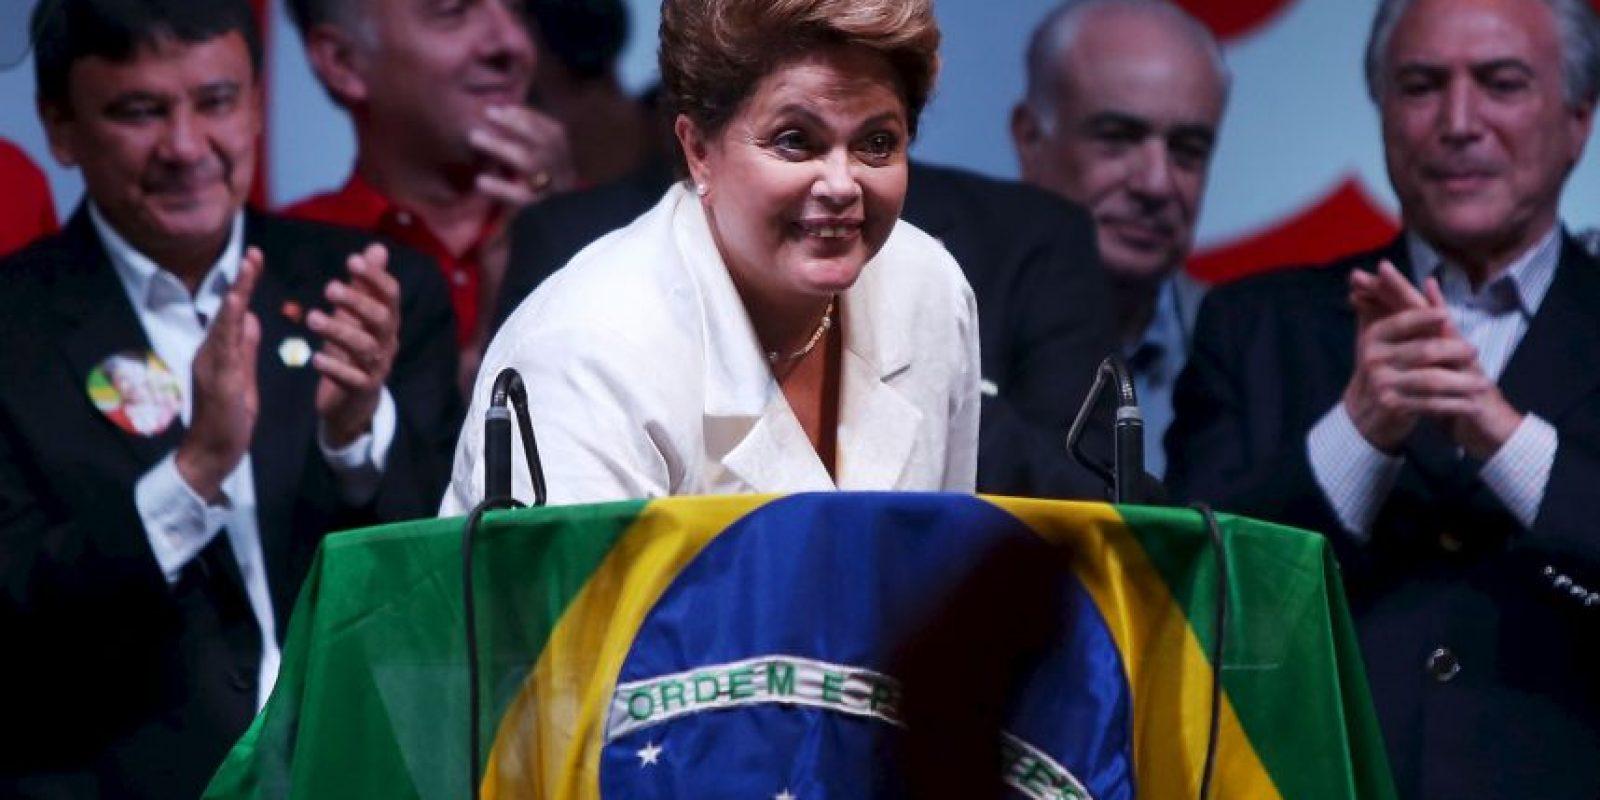 7. Asimismo, manifestó estar indignada por la decisión del juez. Foto:Getty Images